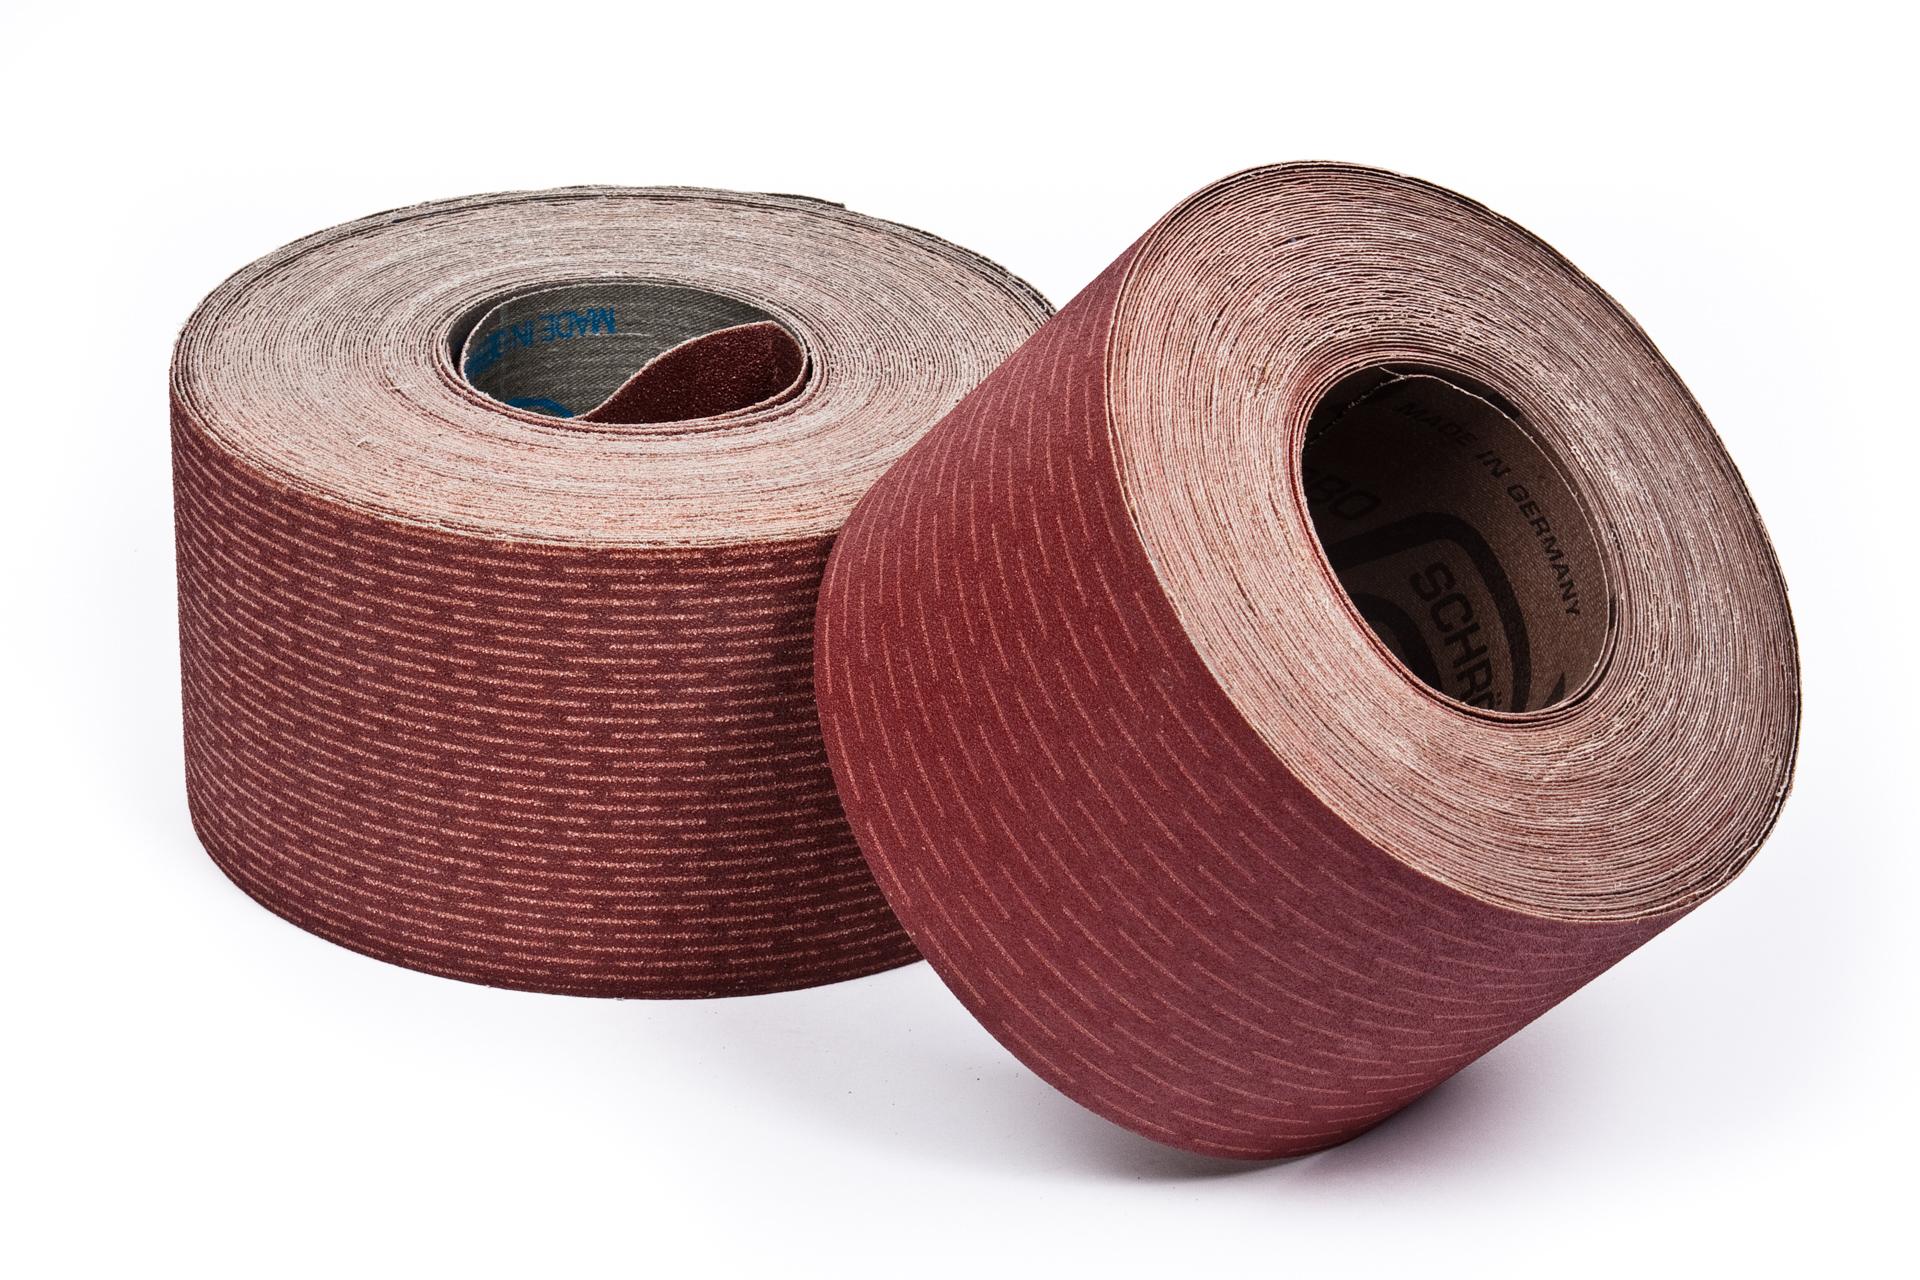 slashed sanding rolls